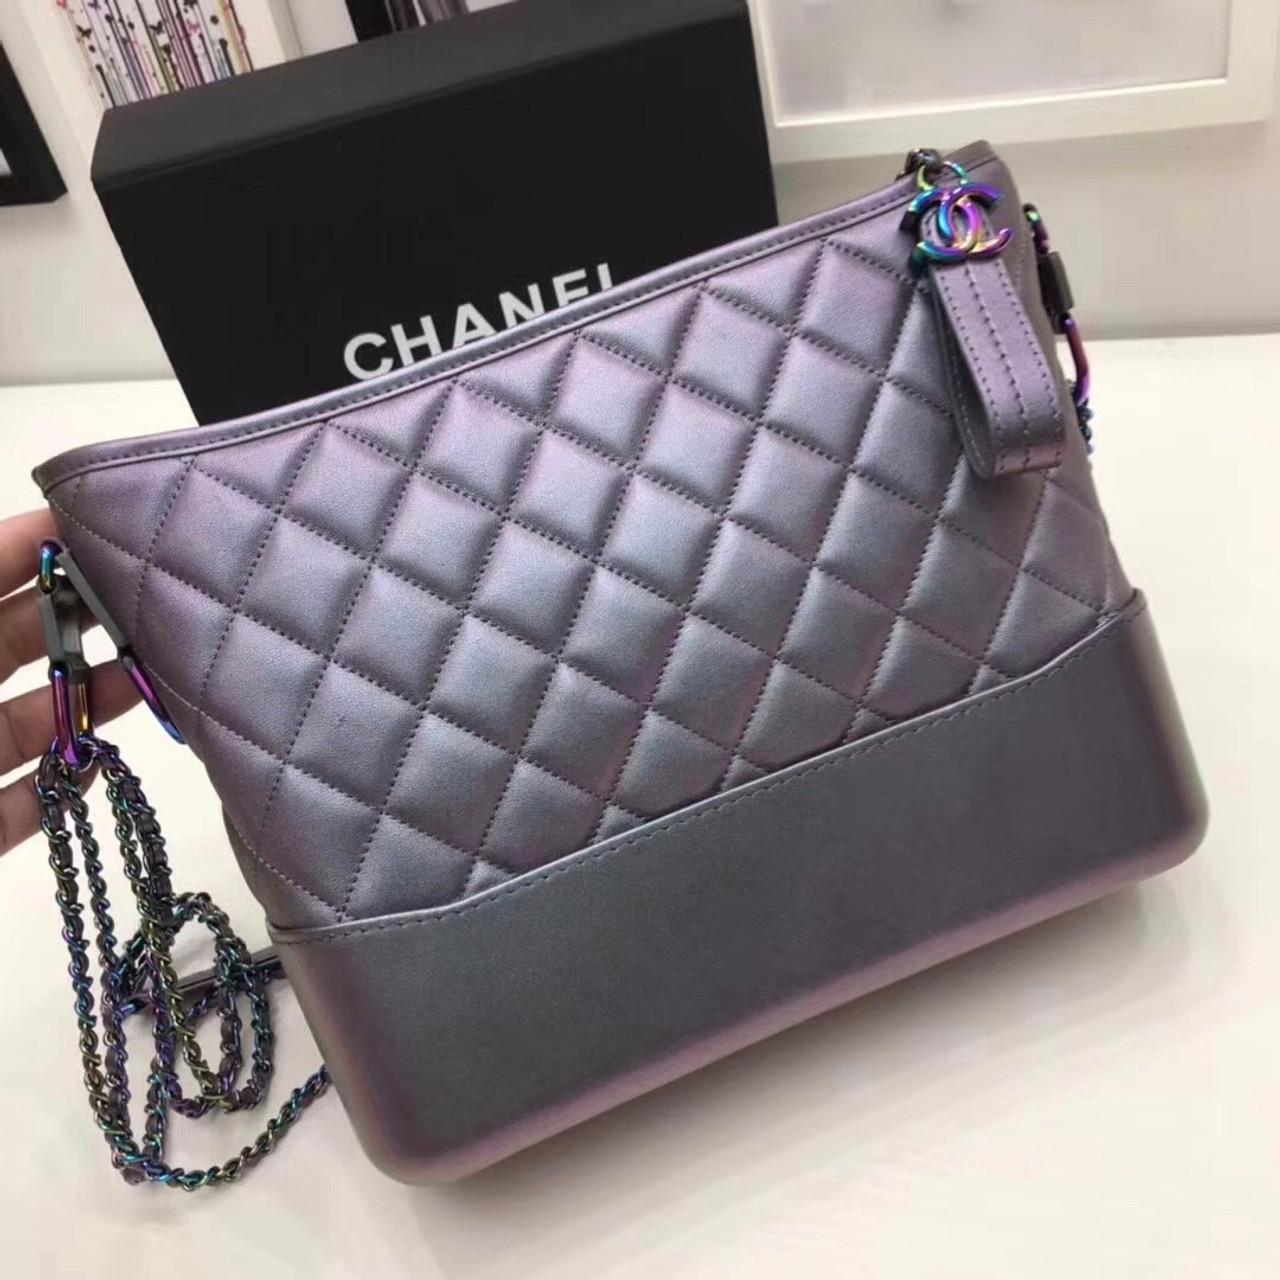 609c1ffa0cf Chanel Gabrielle Purple Iridescent Hobo Bag - Bella Vita Moda